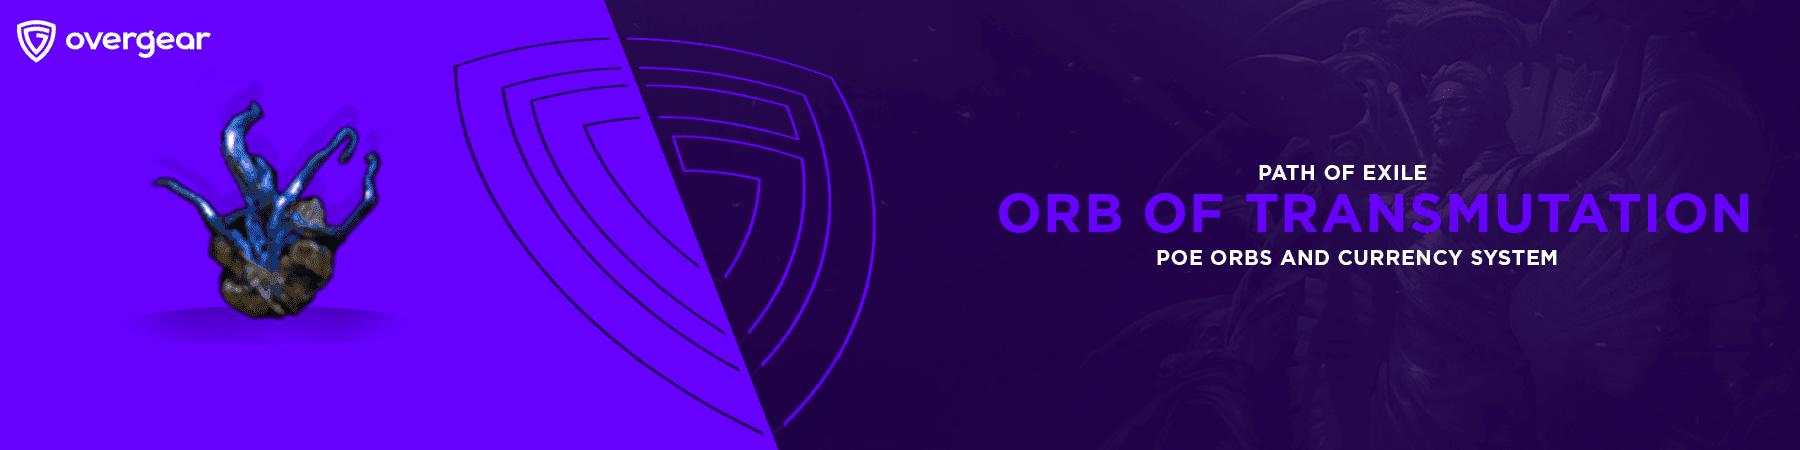 Orb of Transmutation